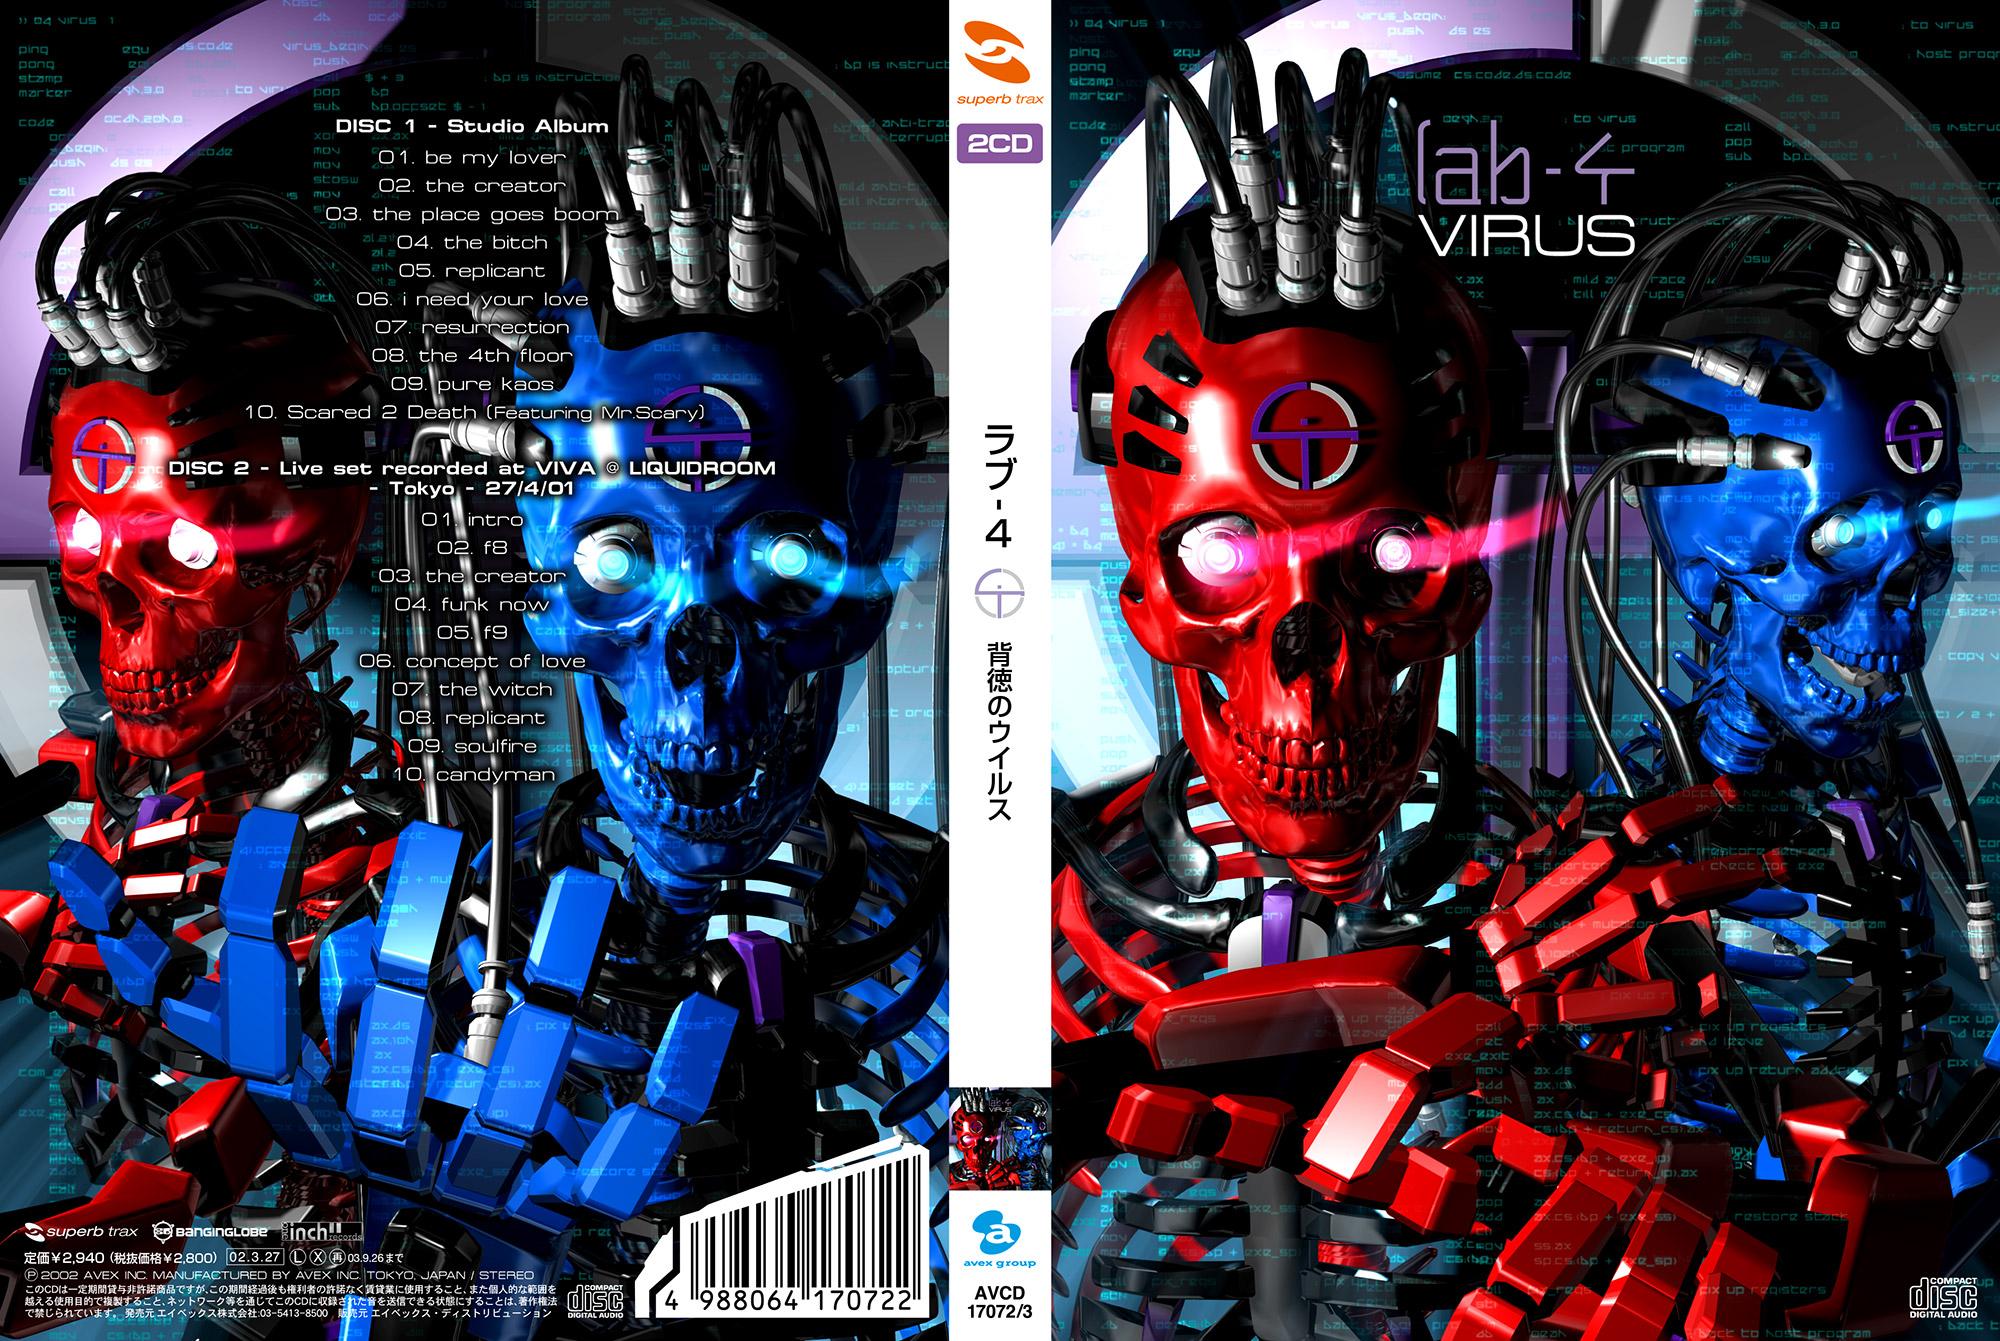 virus-lab4-05